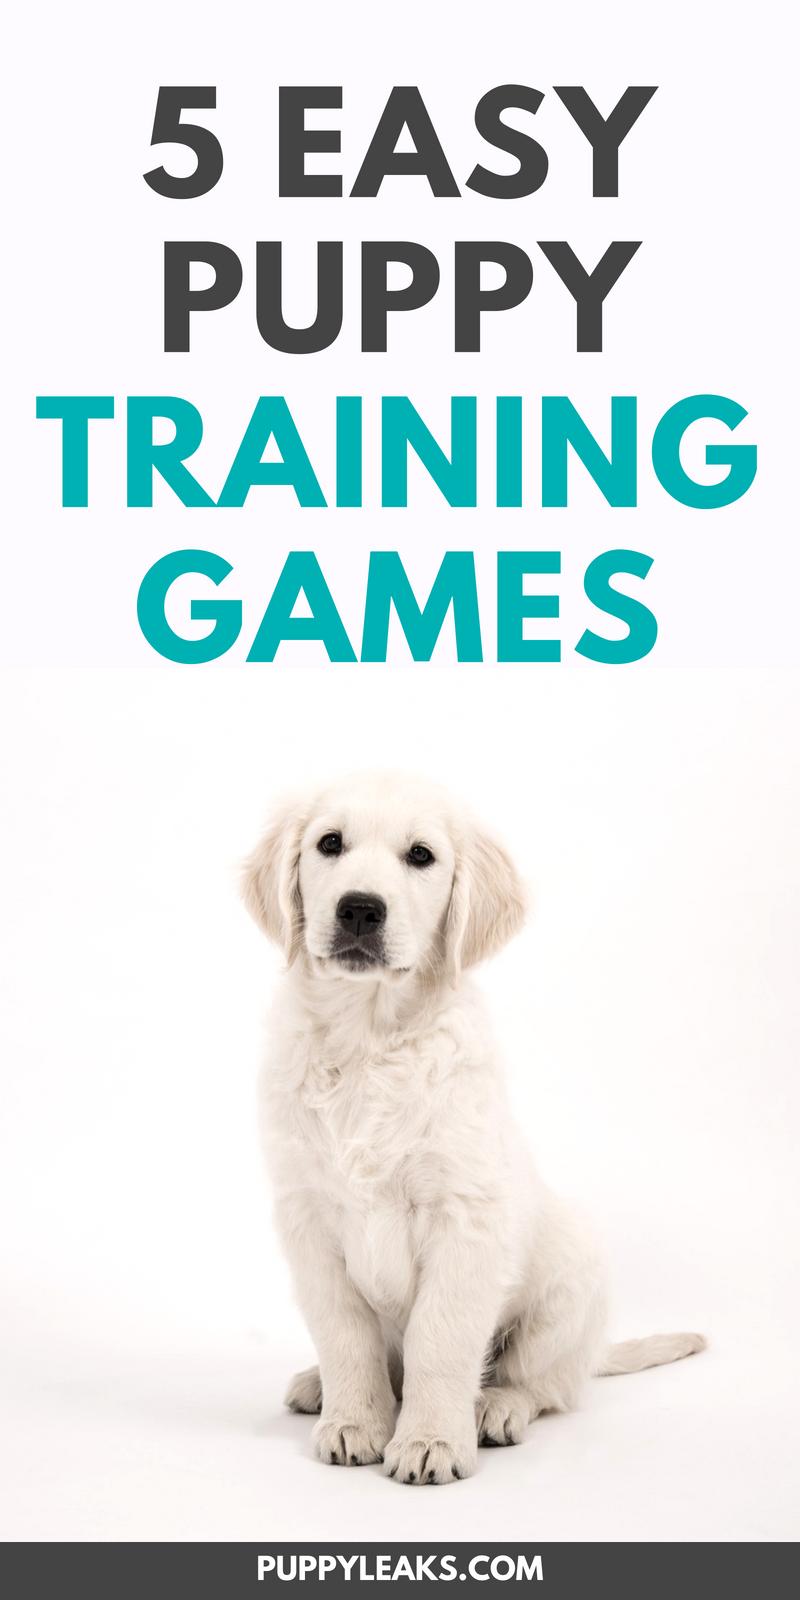 5 Fun & Easy Puppy Training Games